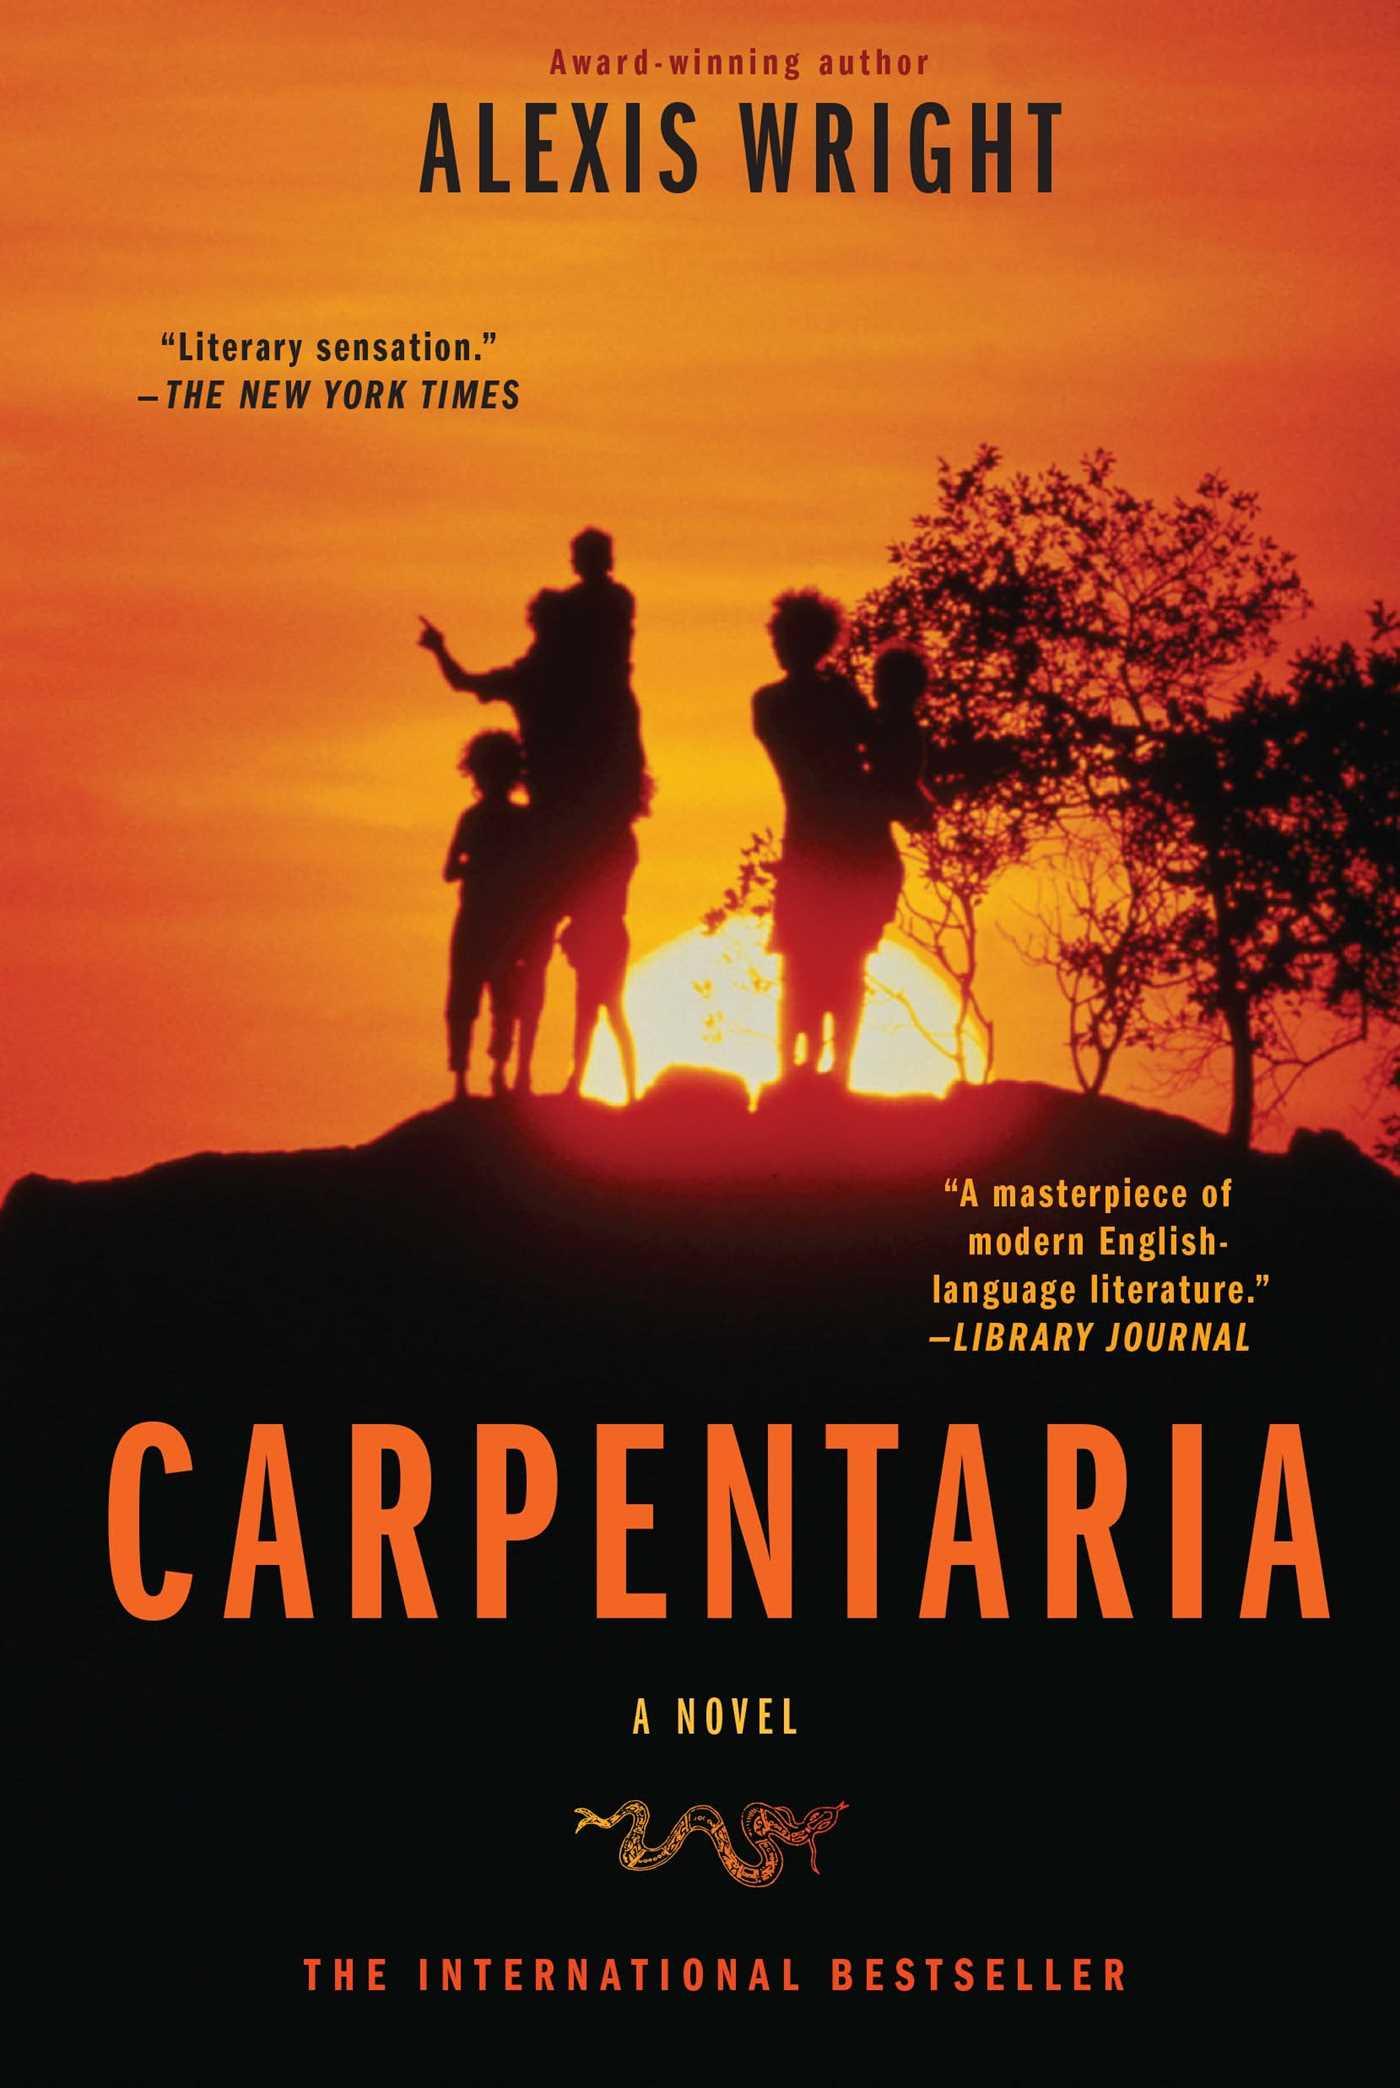 Carpentaria 9781439157848 hr